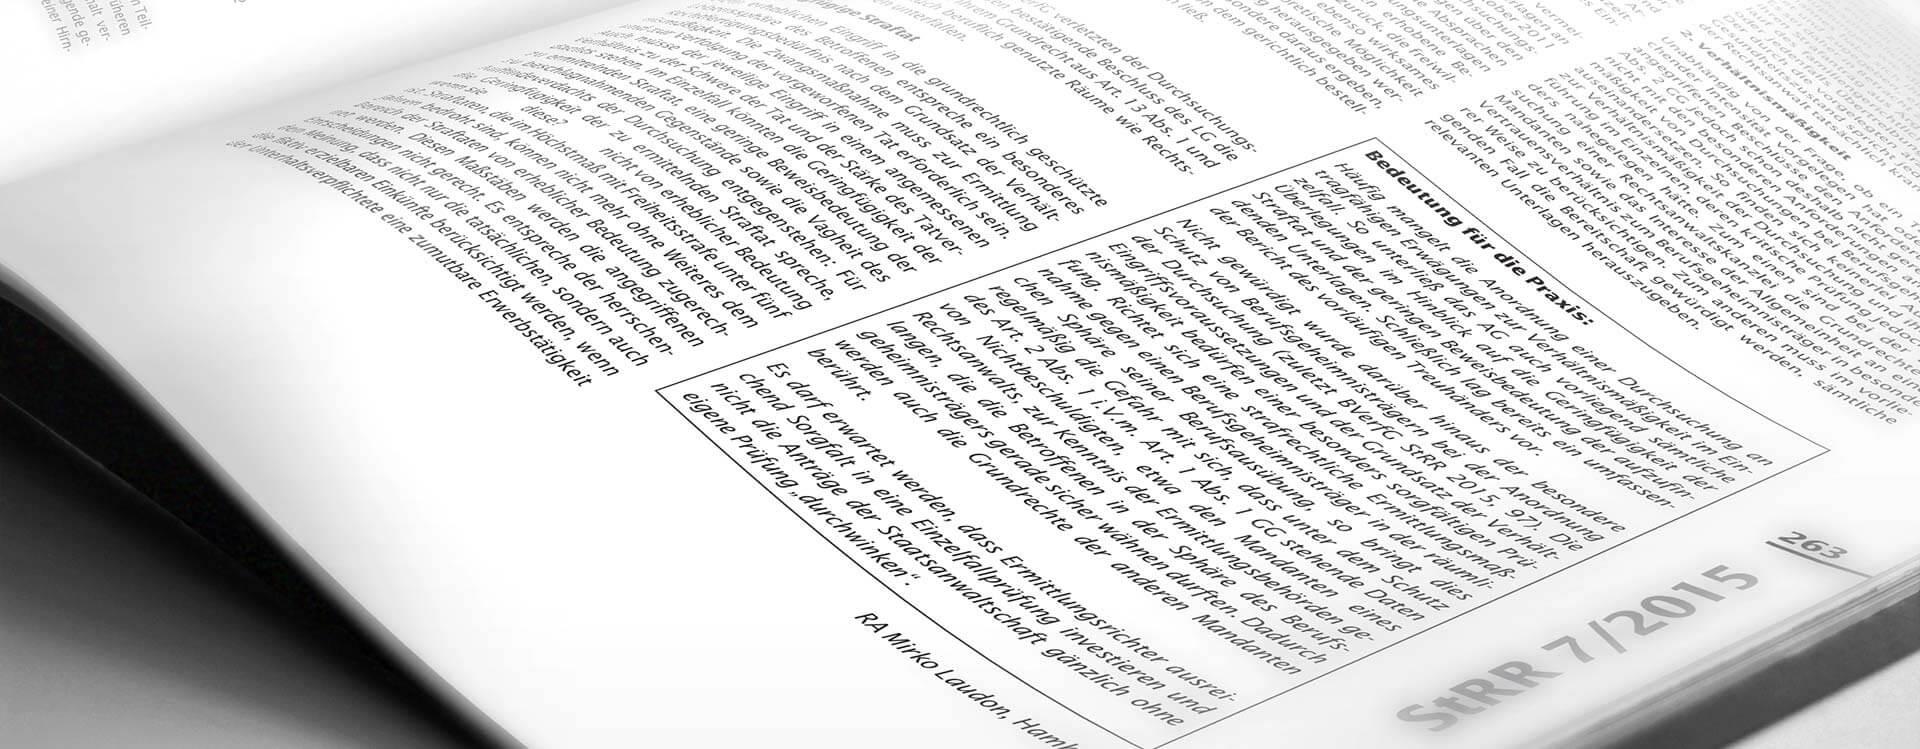 Veröffentlichungen | Durchsuchung bei geringfügiger Straftat | Rechtsanwalt Mirko Laudon ist Experte im Strafrecht und Strafprozessrecht